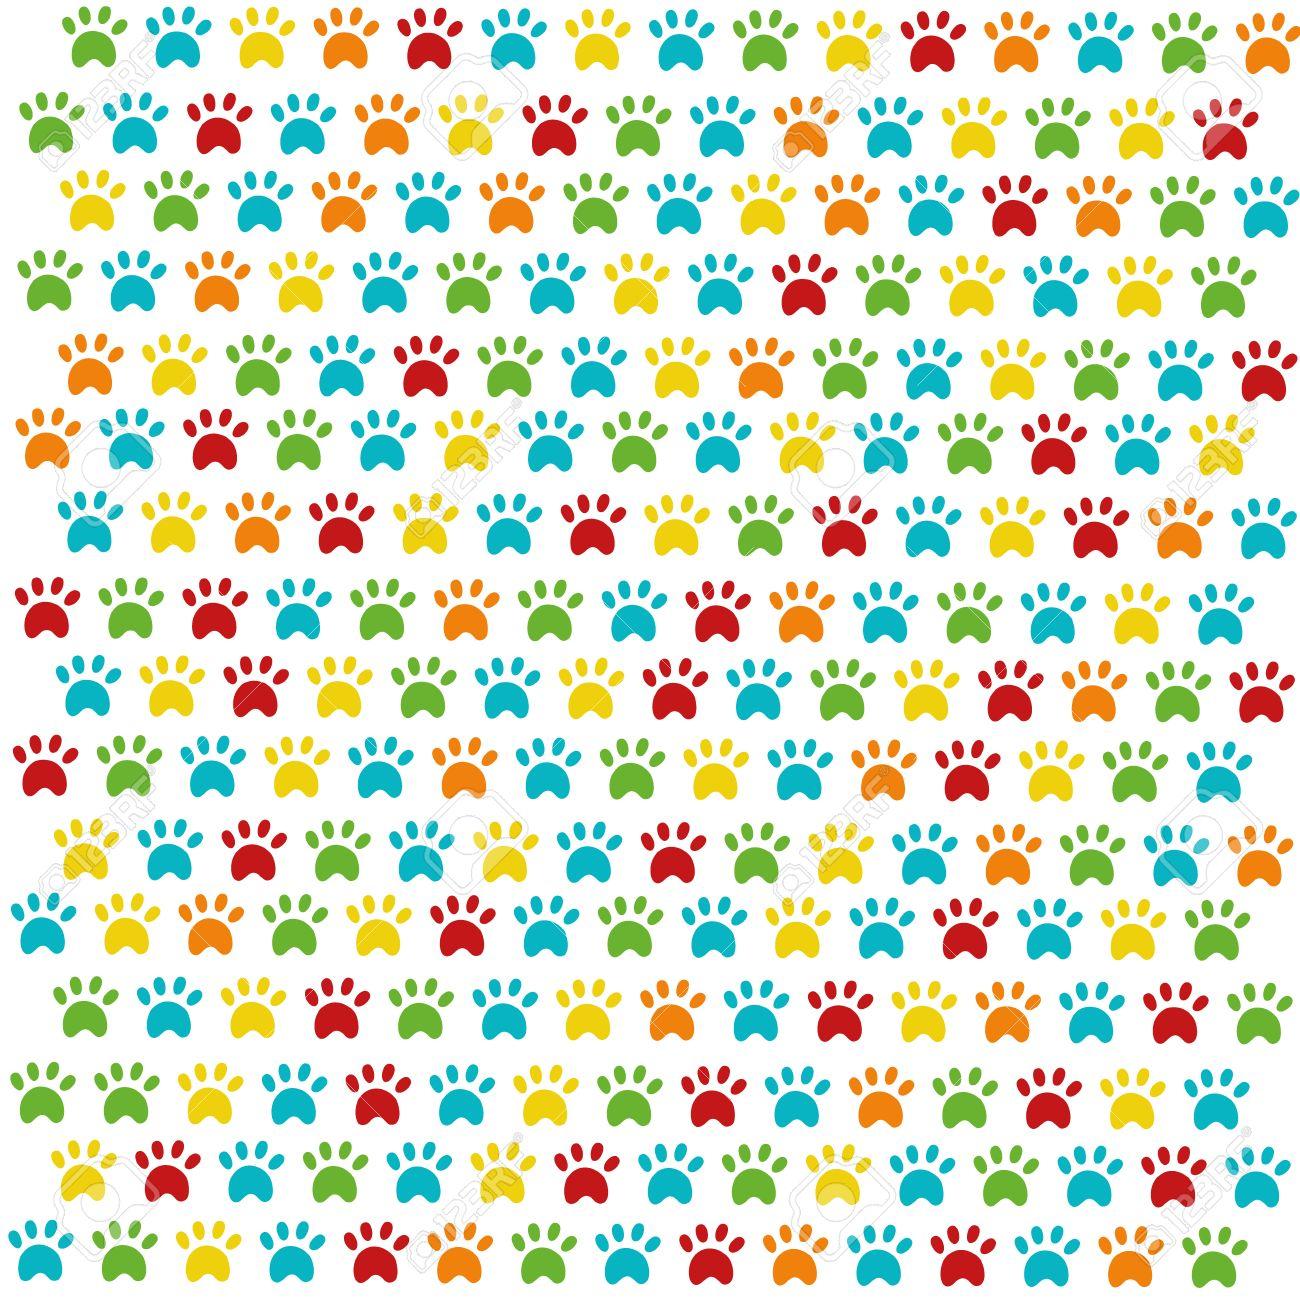 El patrón de las huellas de gatos de colores sobre fondo blanco Foto de archivo ,